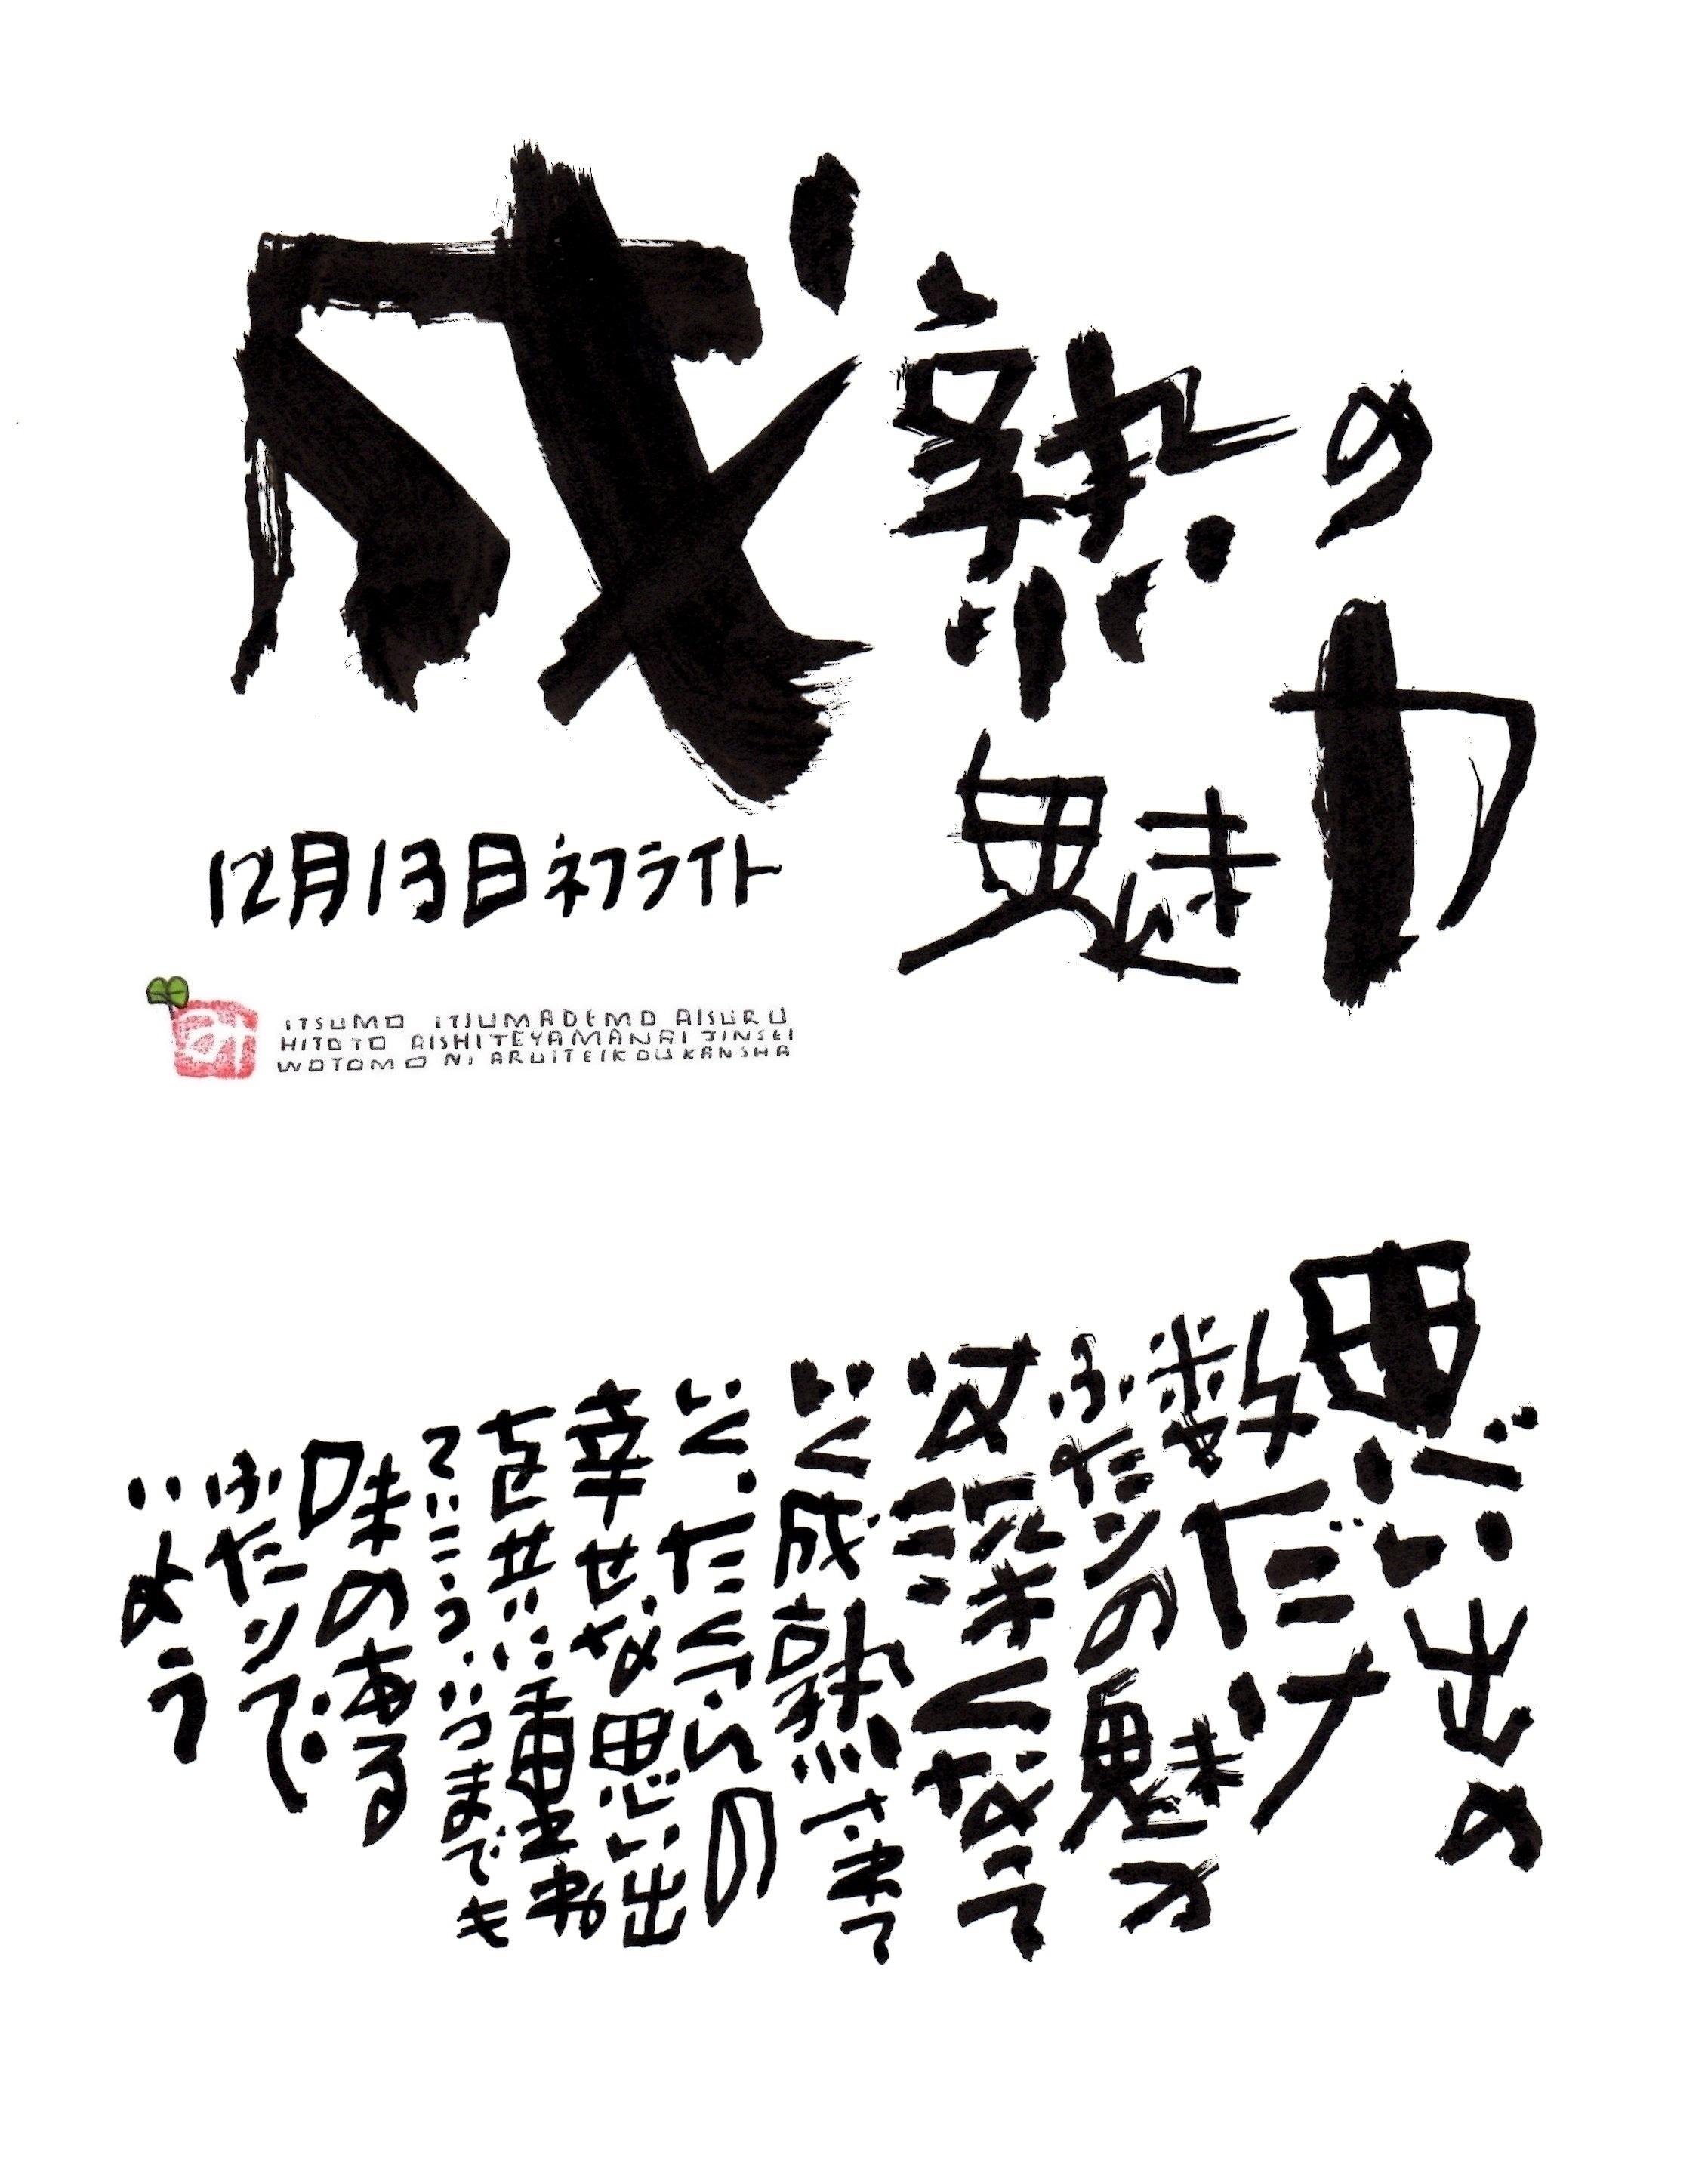 12月13日 結婚記念日ポストカード【成熟の魅力】